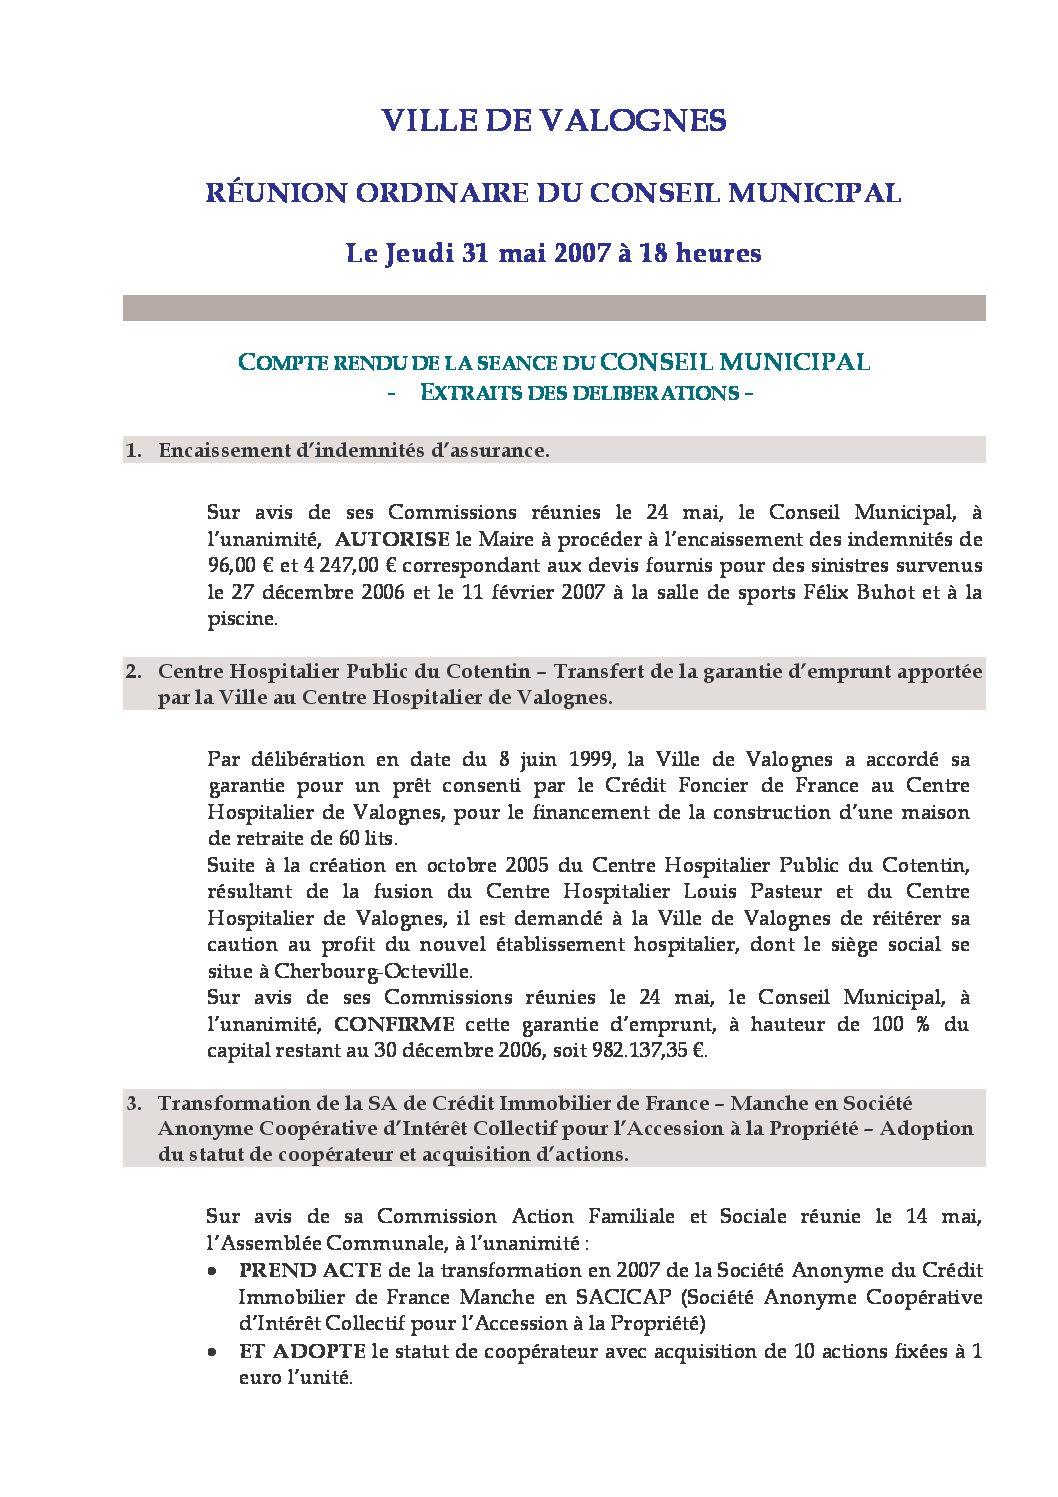 Extrait du registre des délibérations du 31-05-2007 - Compte rendu des questions soumises à délibération lors de la séance du Conseil Municipal du 31 mai 2007.